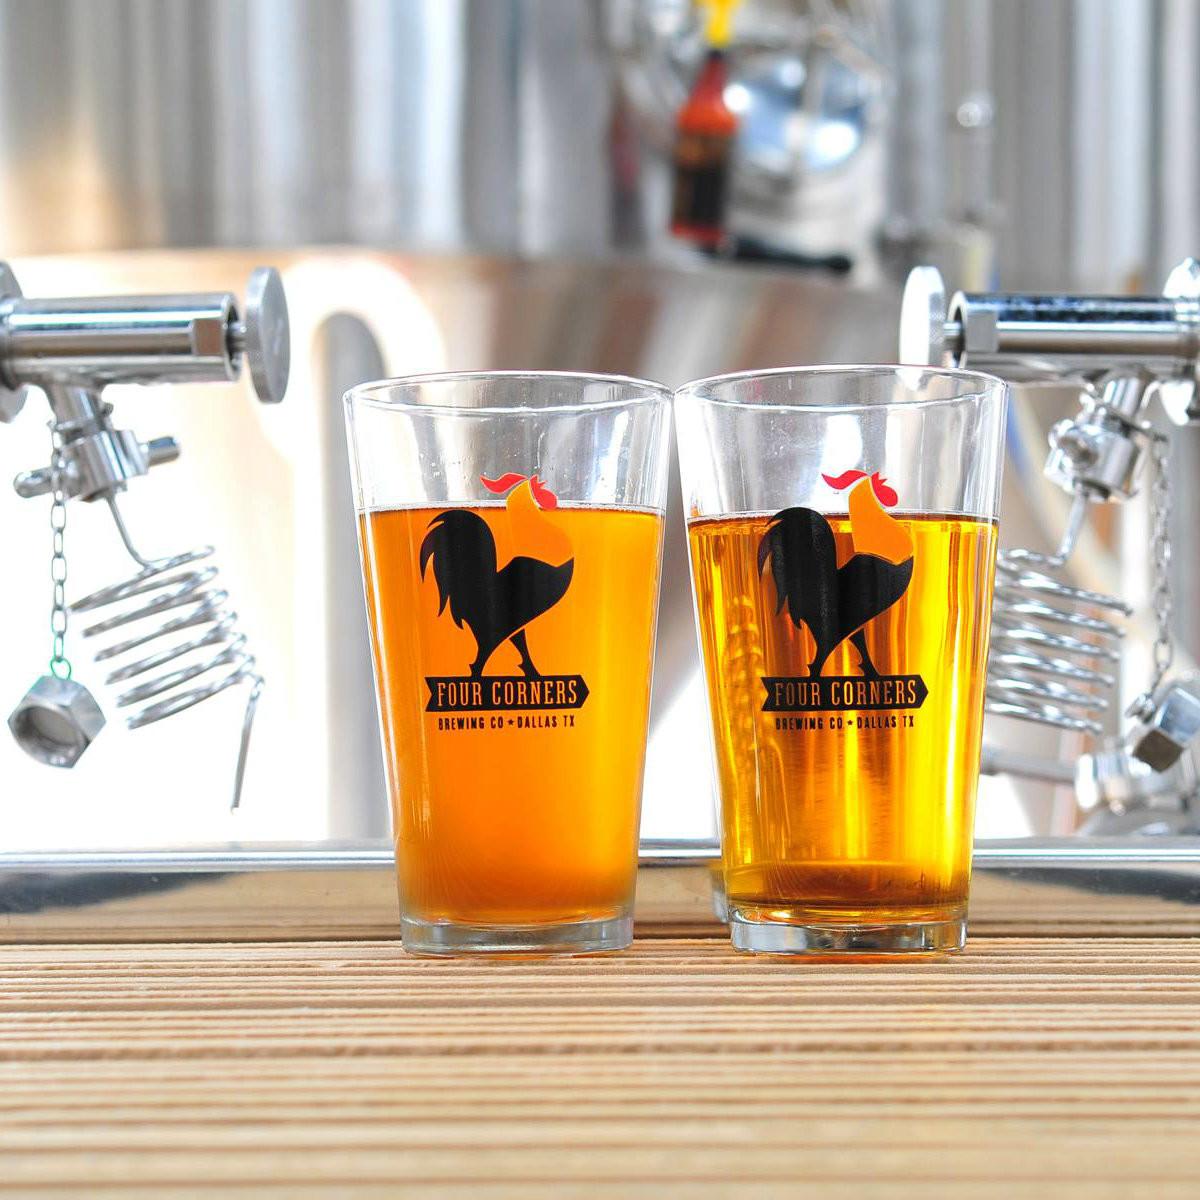 Four Corners Brewing Co. in Dallas